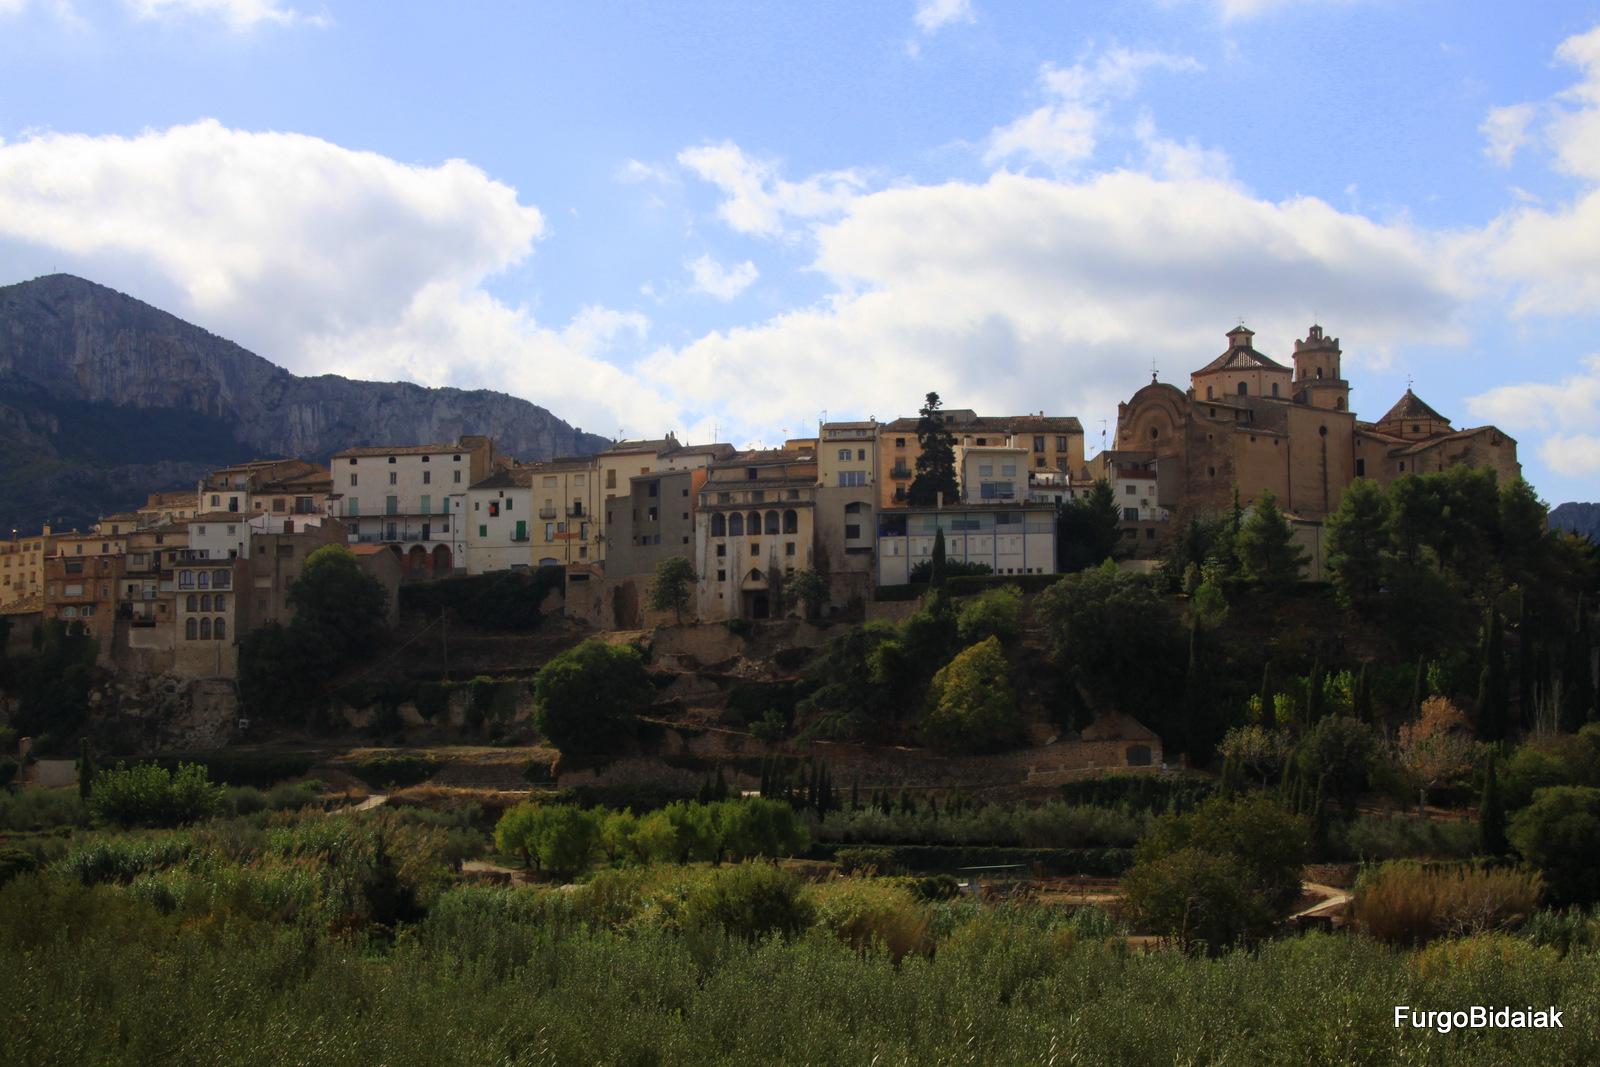 Tivissa, Tarragona, Costa Dourada